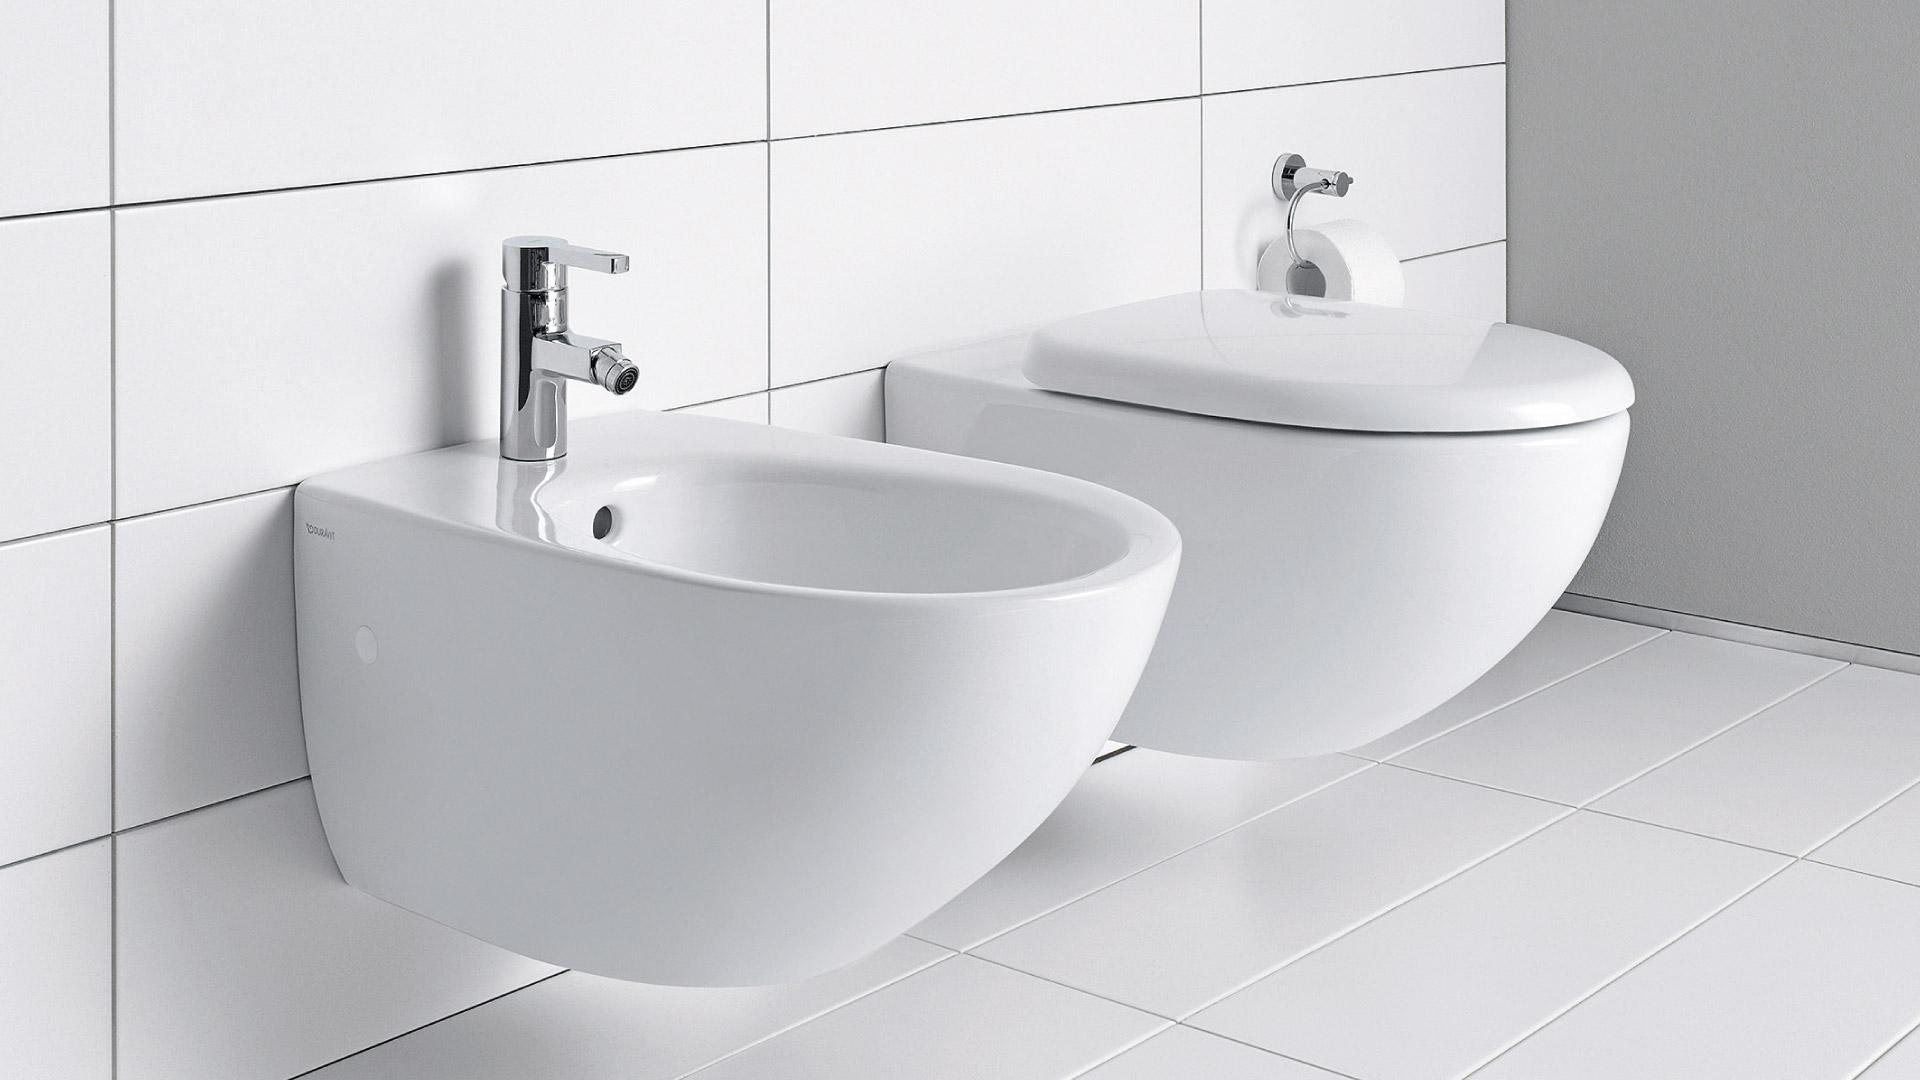 duravit architec wcs bidets urinale waschtische duravit. Black Bedroom Furniture Sets. Home Design Ideas